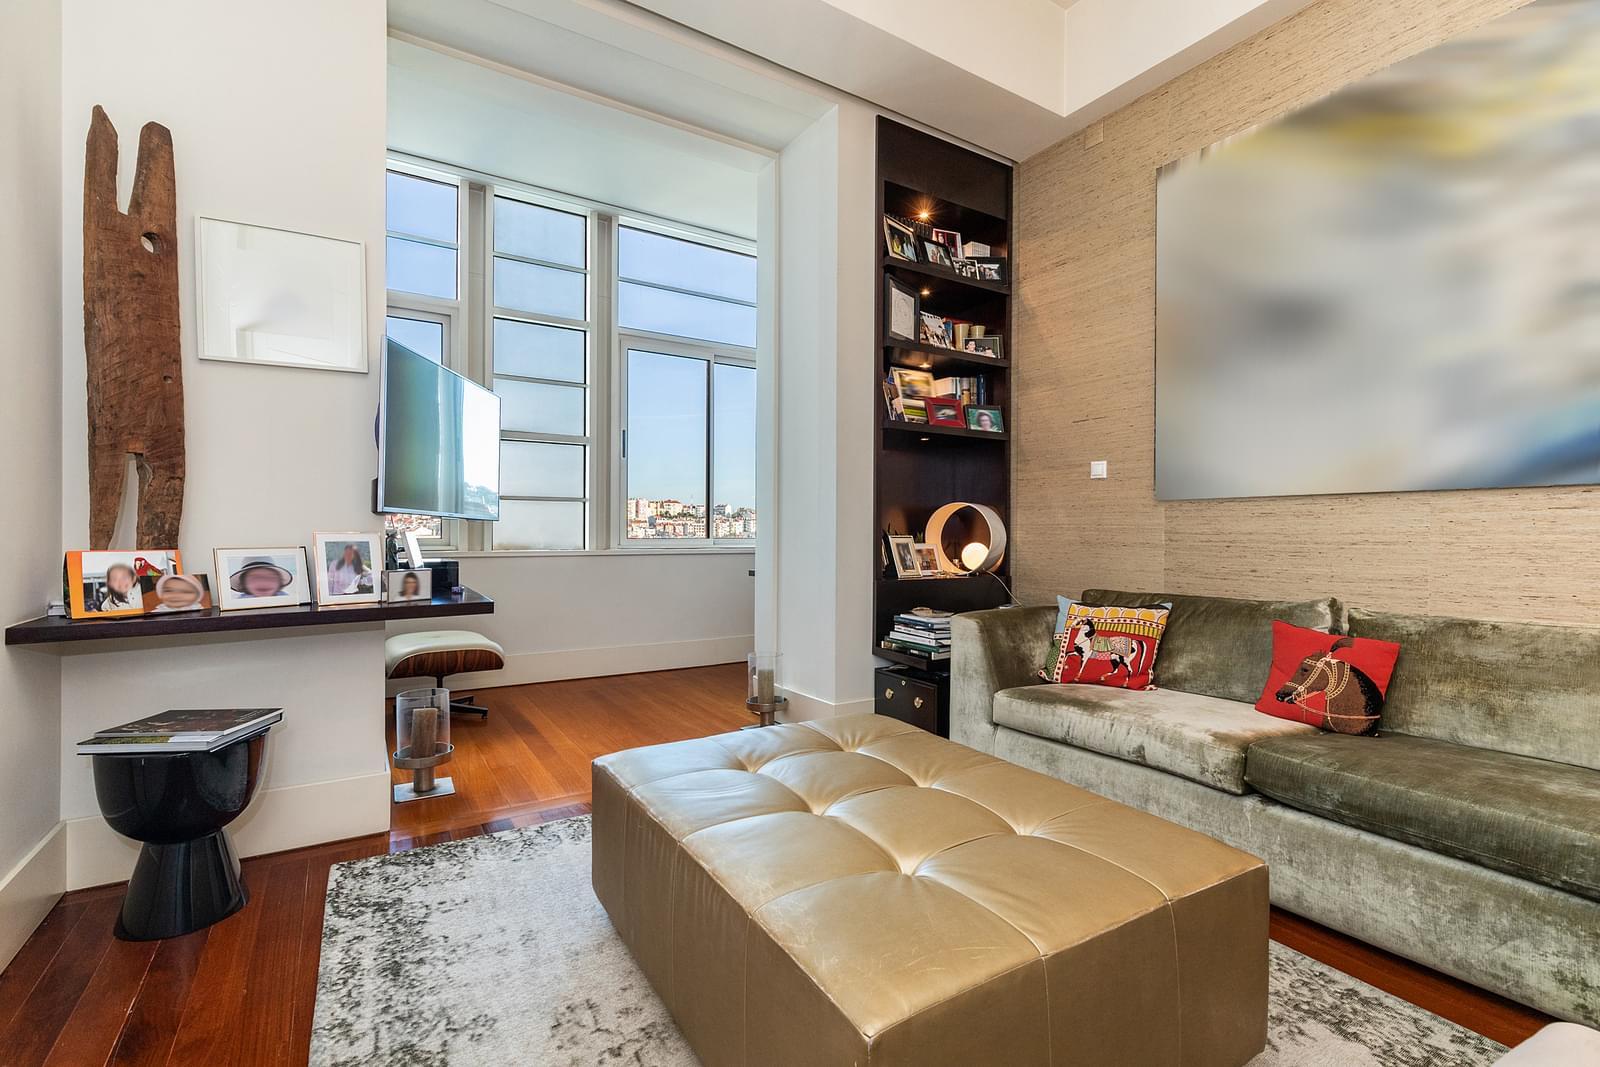 pf18843-apartamento-t3-2-lisboa-ce686e79-0ca8-4ee7-a30e-0934e96833b1